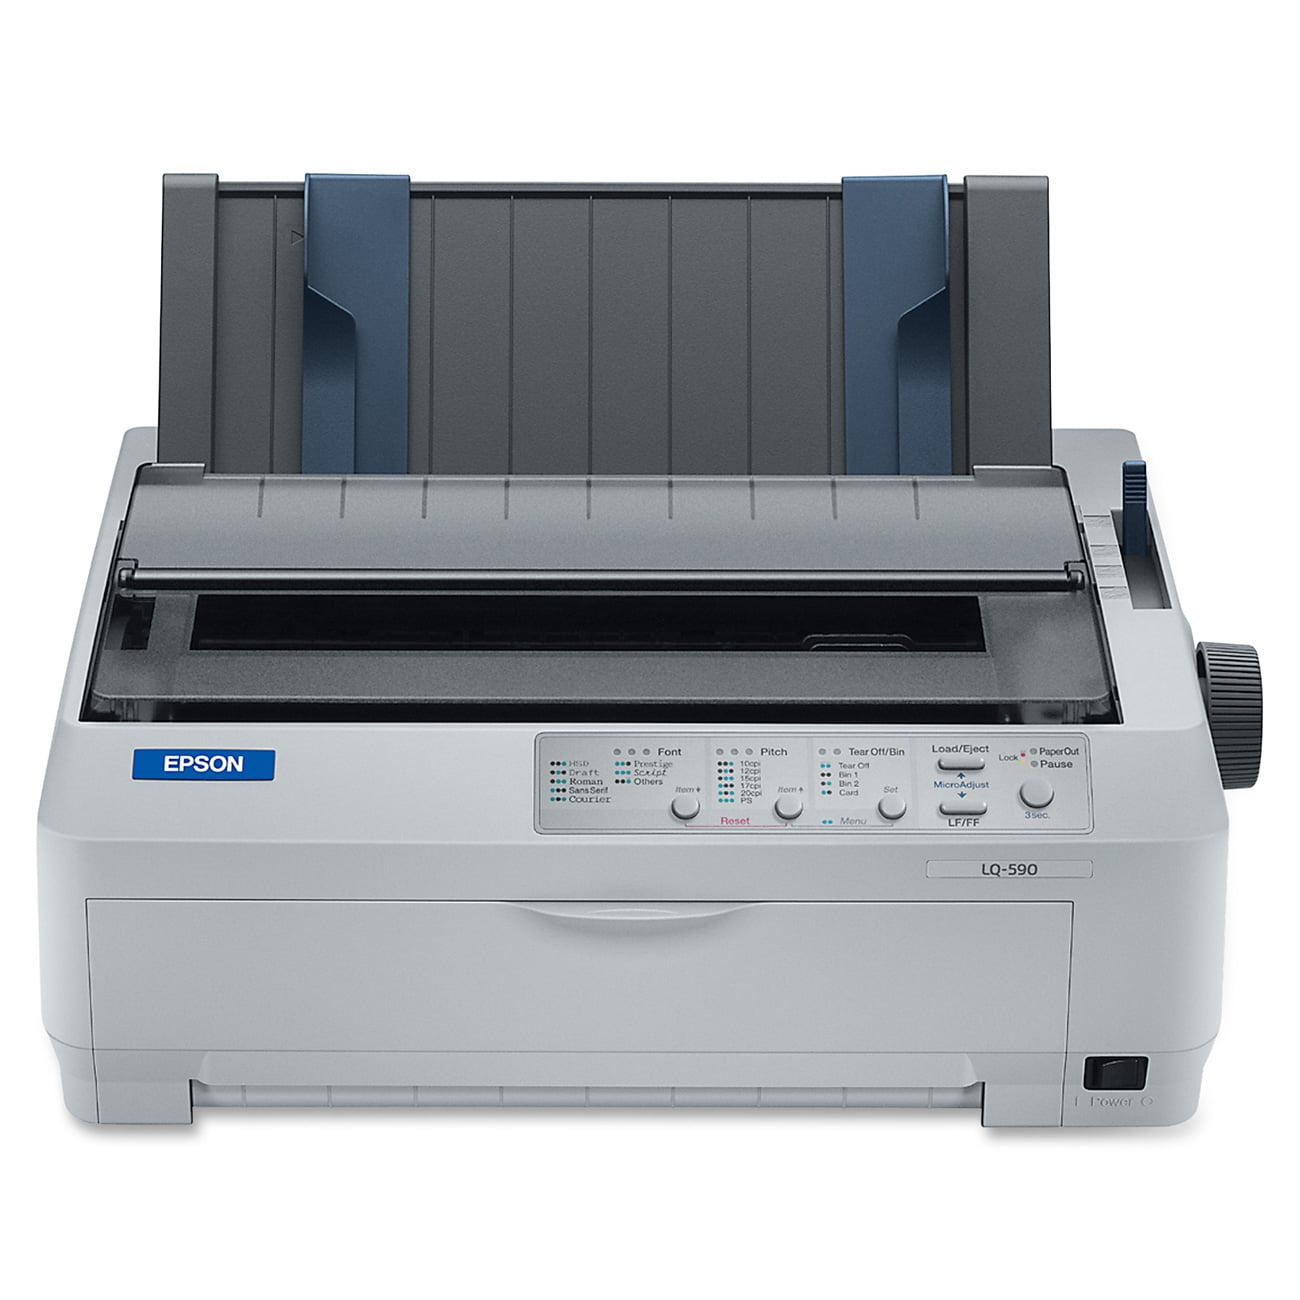 Epson LQ-590 Dot Matrix Printer by Epson